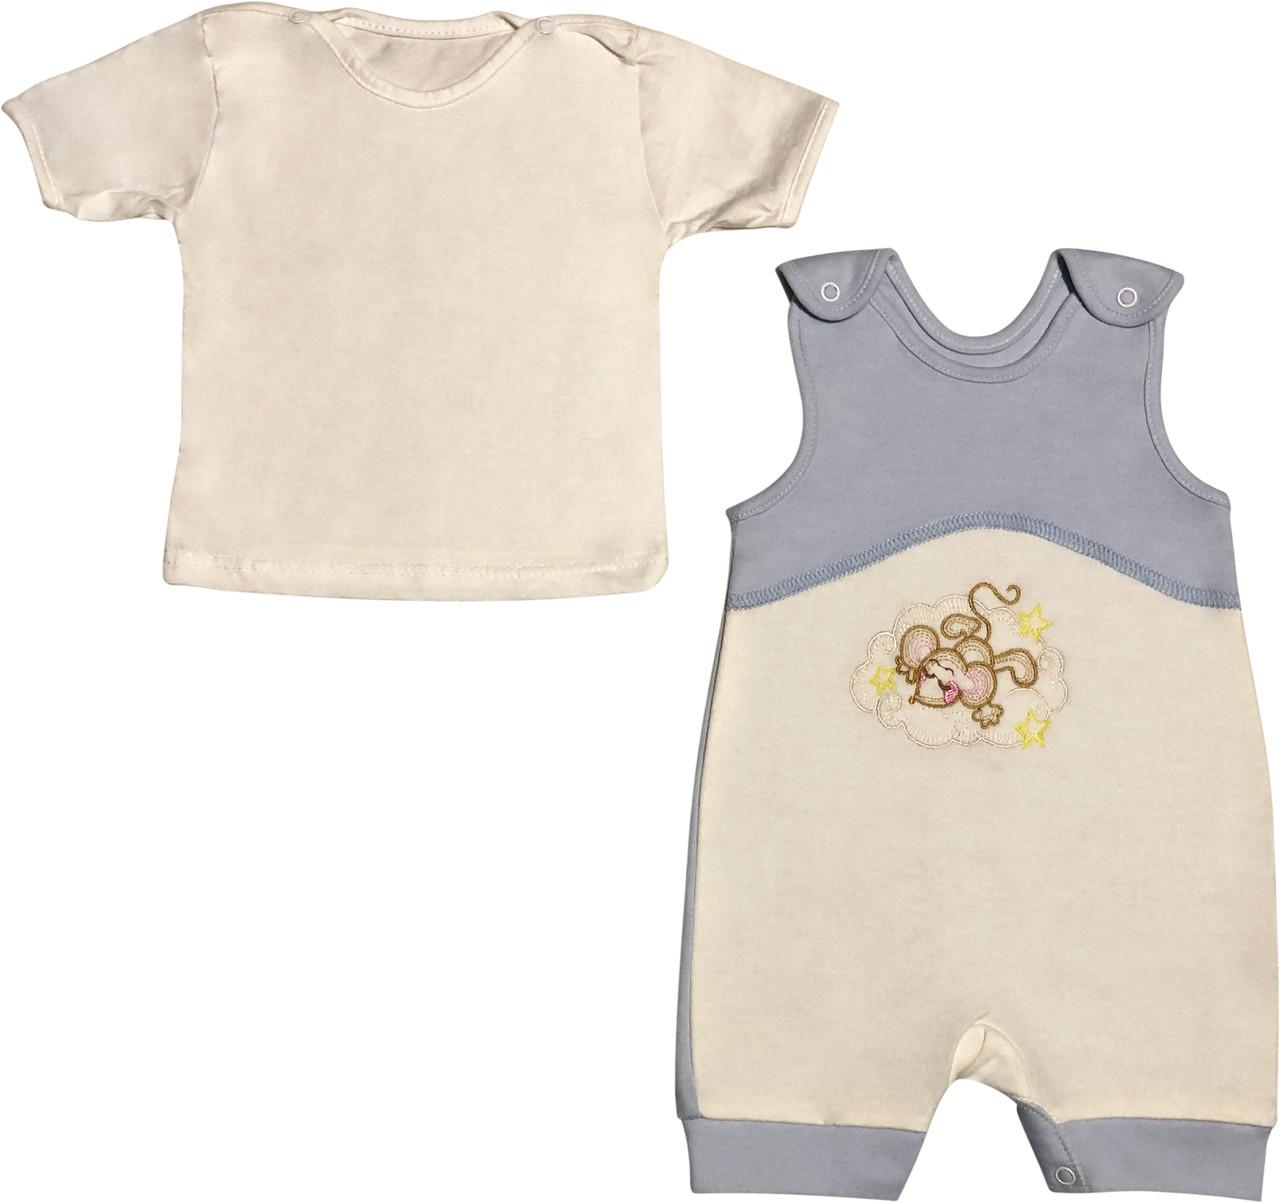 Літній костюм на хлопчика зростання 62 2-3 міс для новонароджених малюків комплект дитячий трикотажний літо блакитний